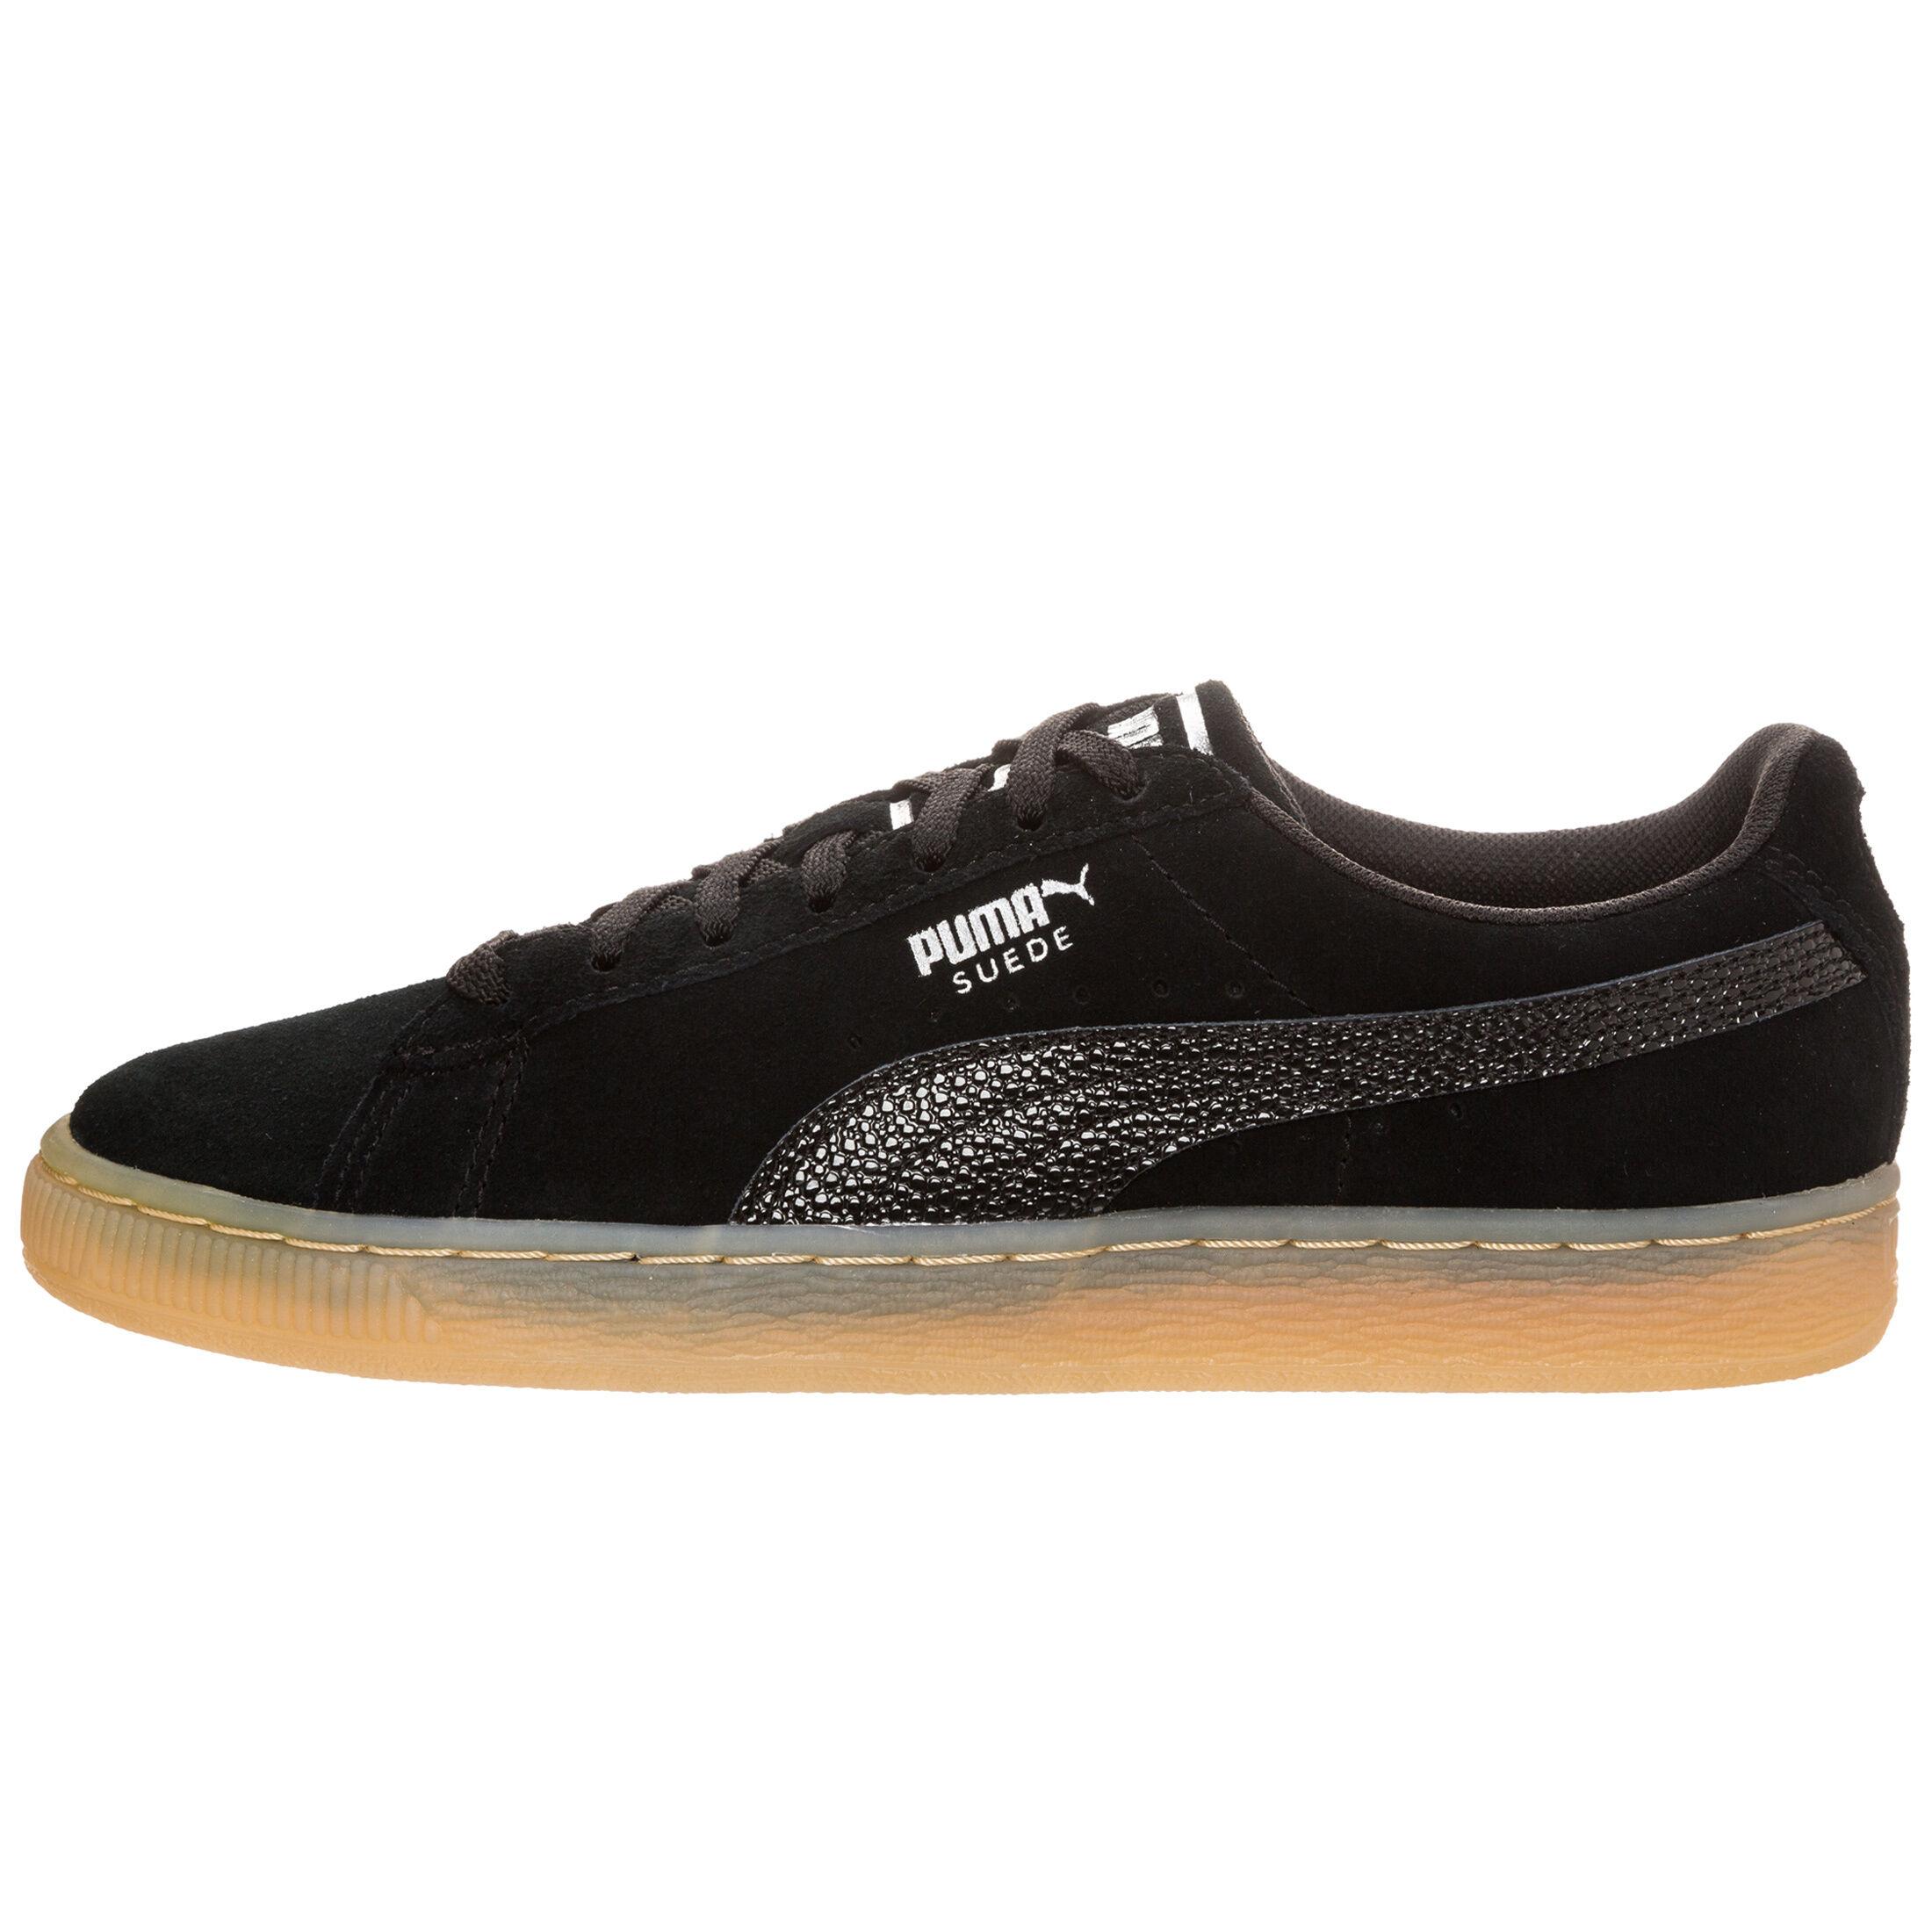 Sales Puma Suede Classic Bubble Schuhe Sneaker Damen 366440